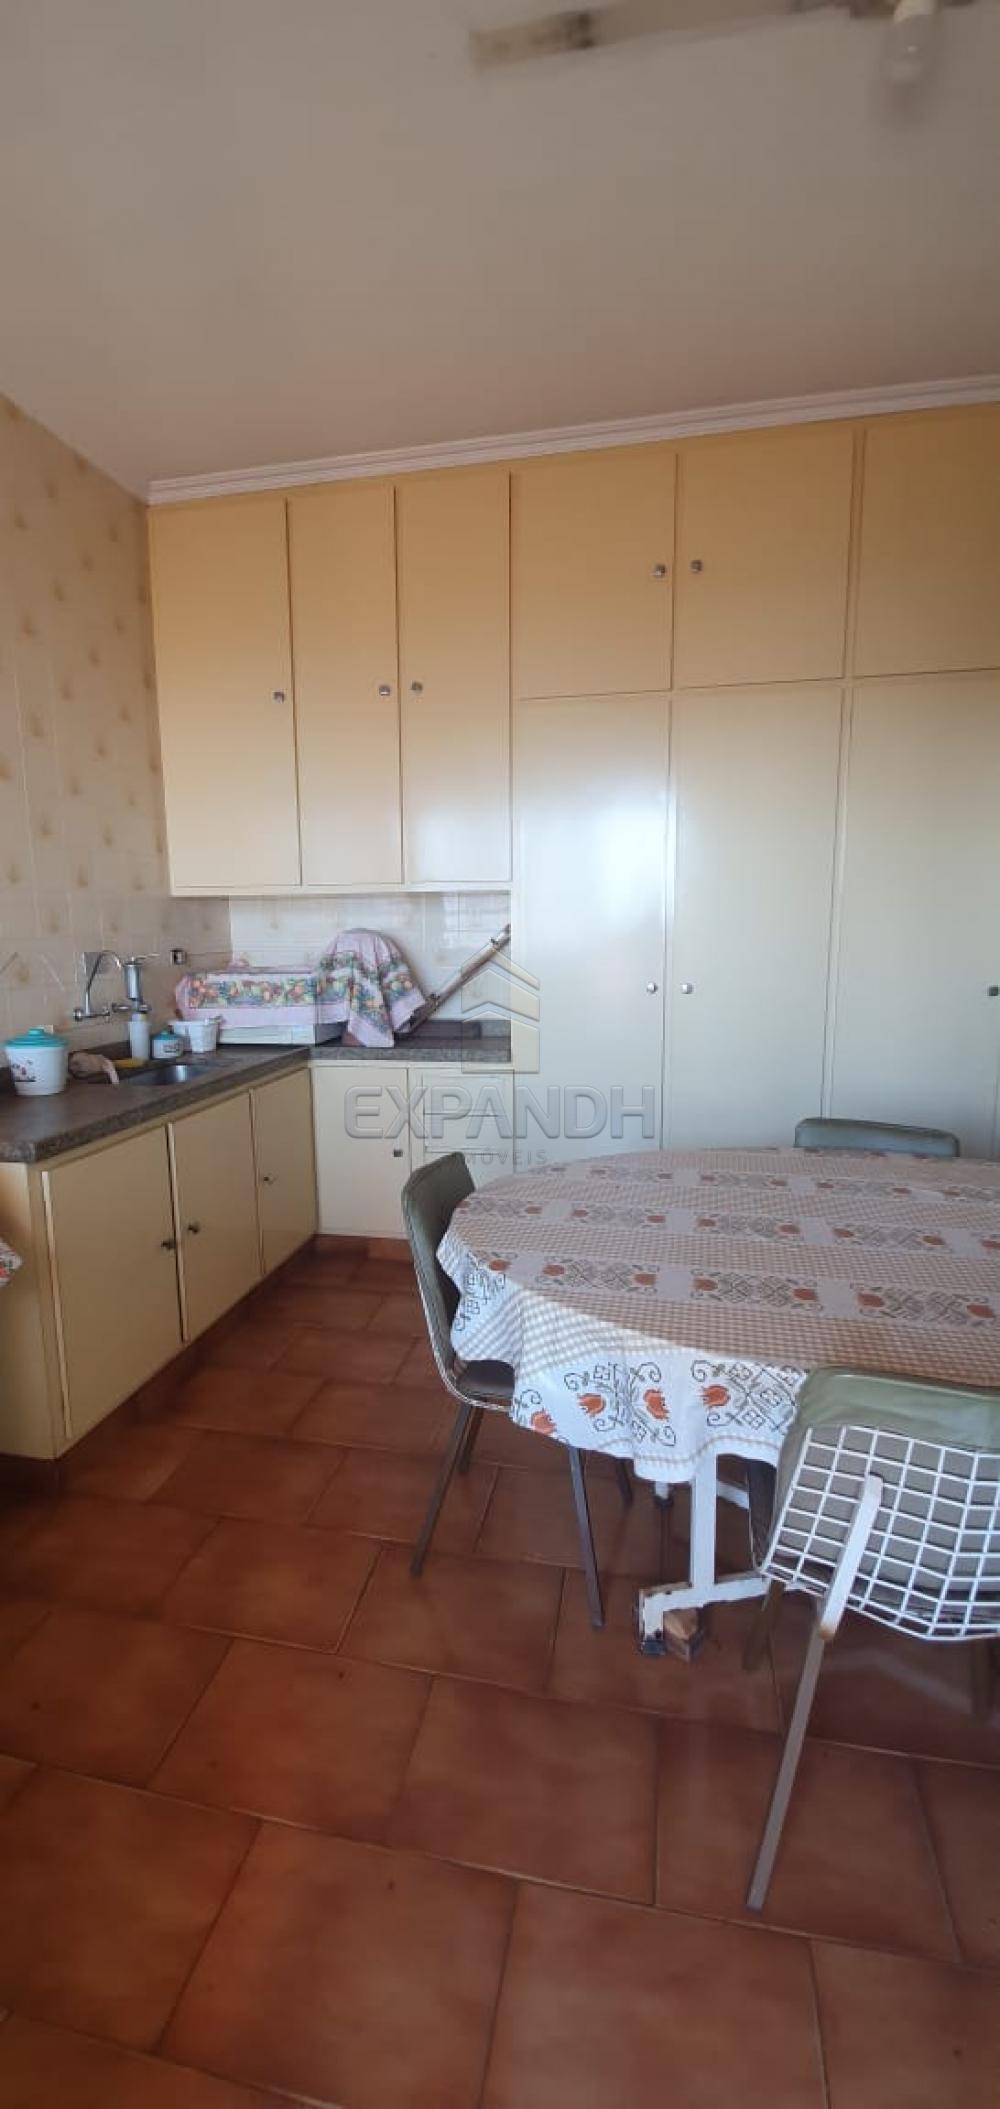 Comprar Apartamentos / Padrão em Sertãozinho apenas R$ 650.000,00 - Foto 9